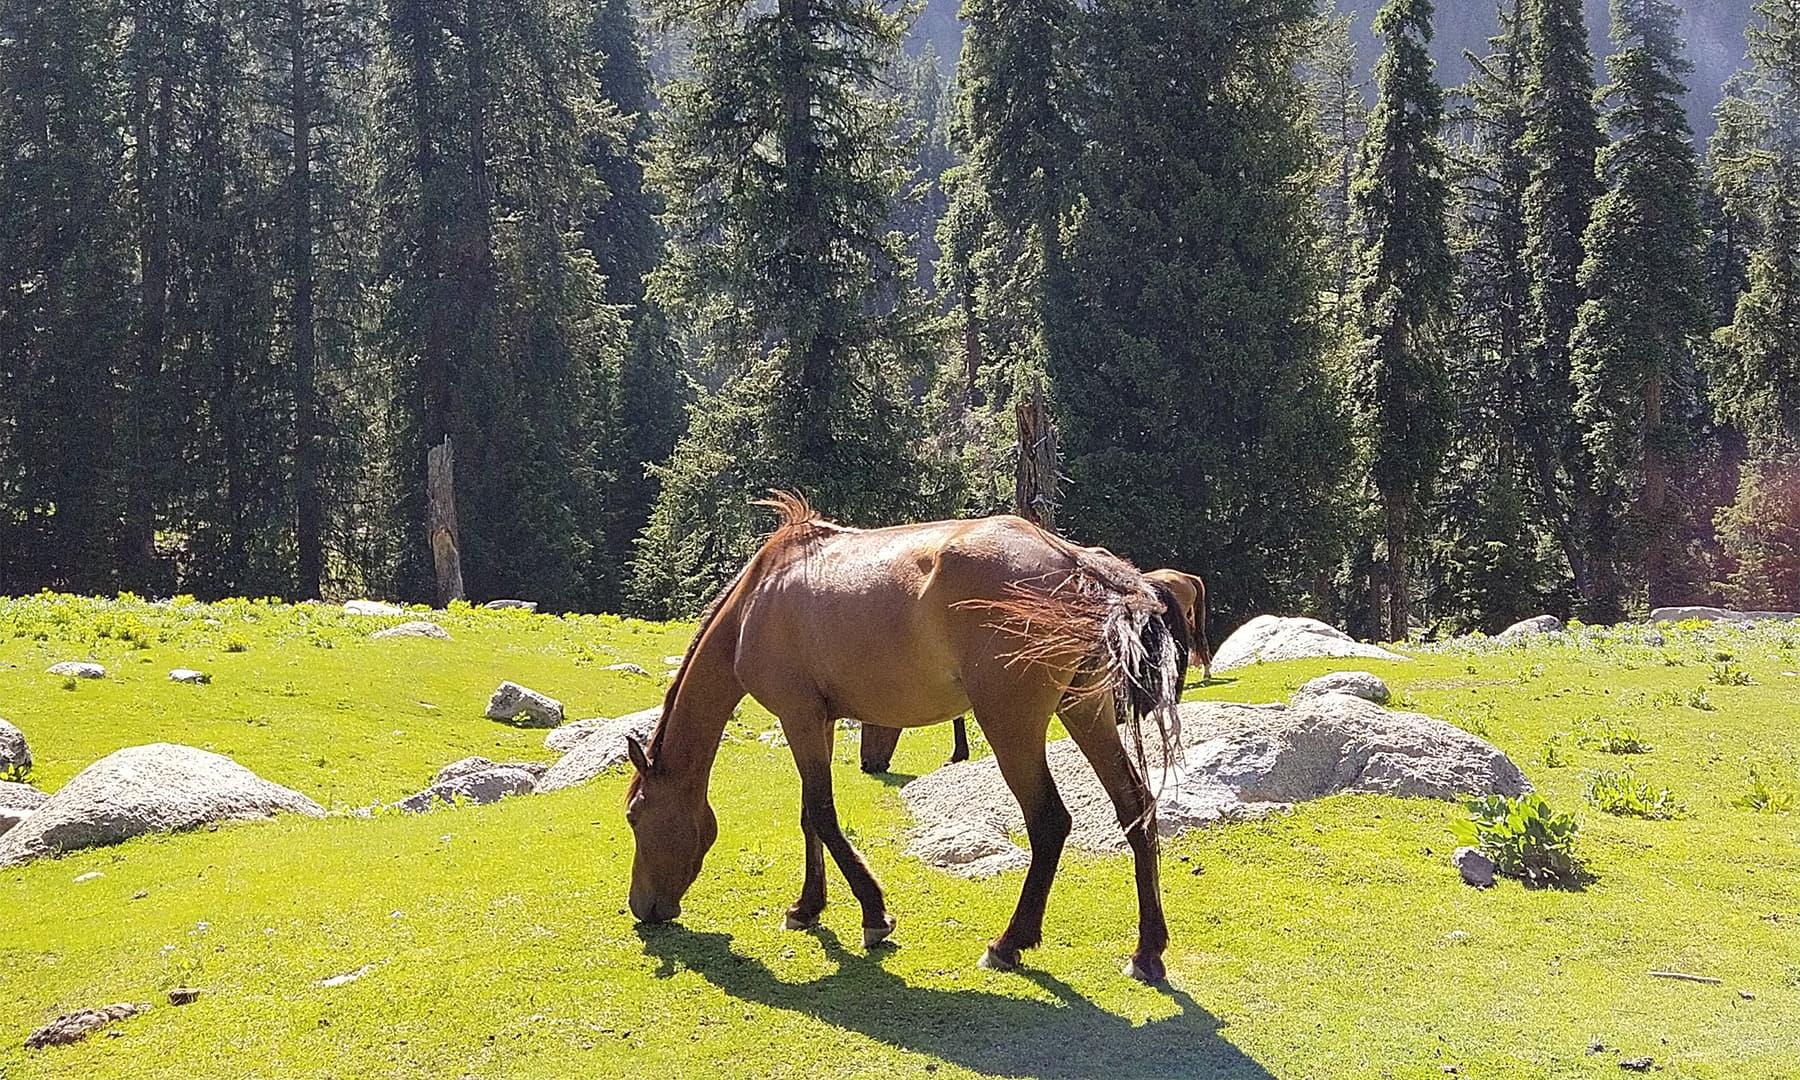 یہاں گائے اور گھوڑے گھاس کے مزے لے رہے تھے — تصویر: عظمت اکبر